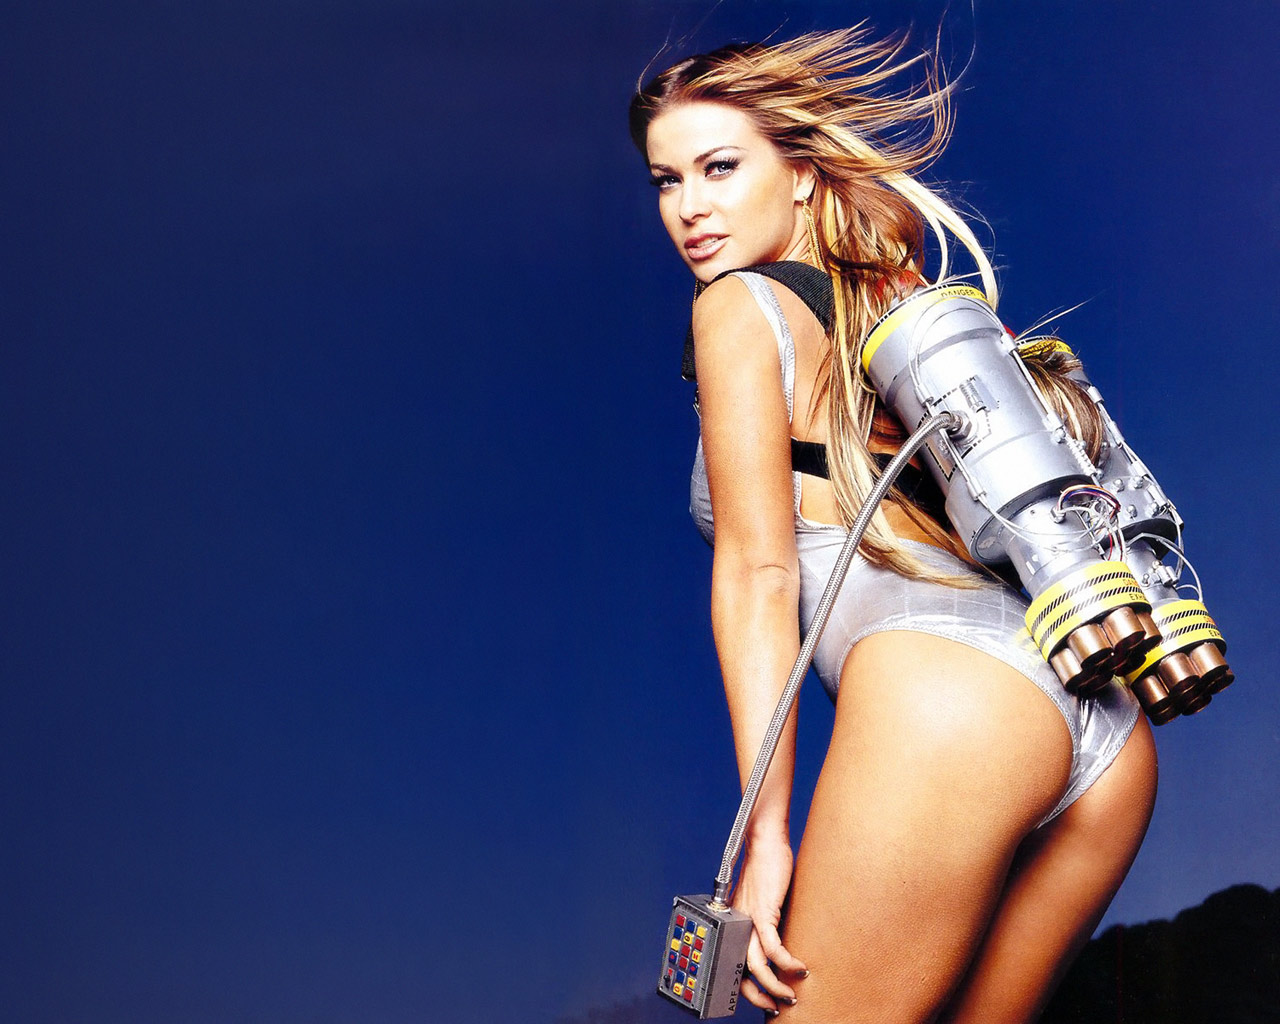 http://4.bp.blogspot.com/-NvhQzJ5A3Pc/TePlhbJwE2I/AAAAAAAAAGA/a5oSn6FrtIg/s1600/Carmen+Electra+%252819%2529.jpg